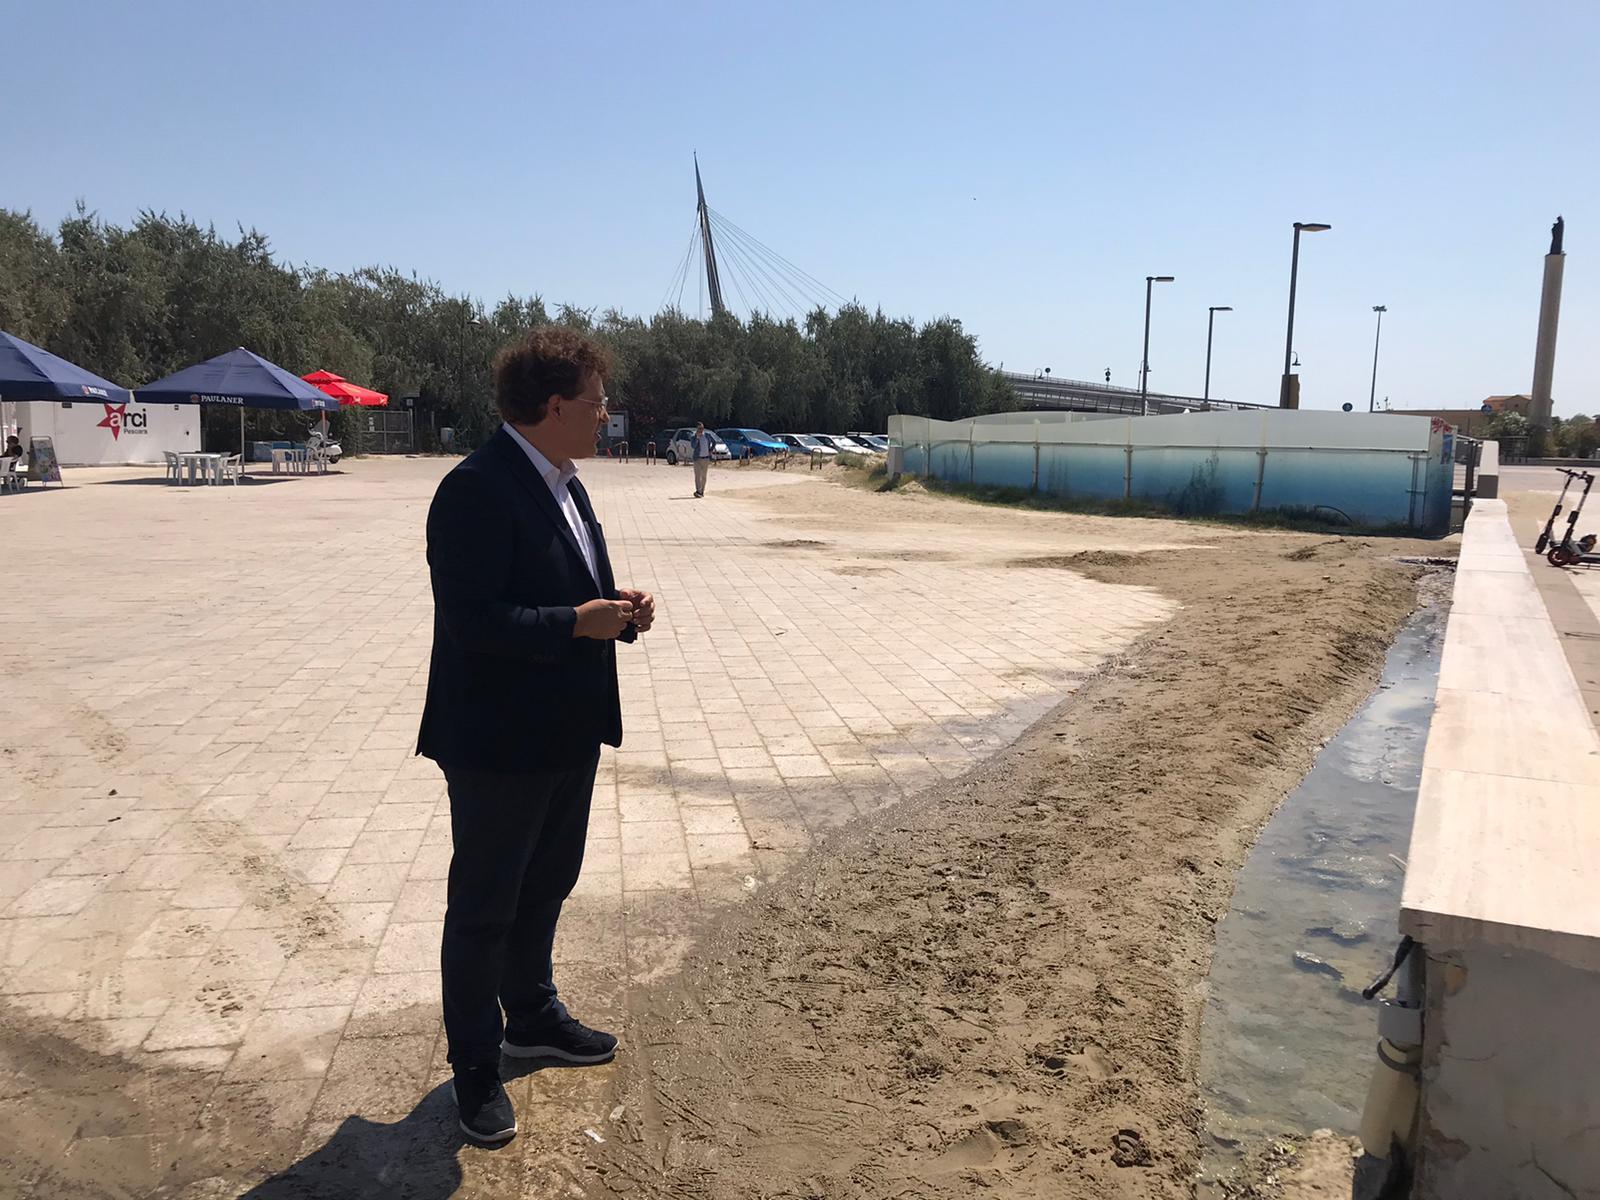 """Blasioli su accesso spiagge libere a Pescara: """"Siamo ad agosto e la cartellonistica richiesta dai protocolli Covid non c'è da nessuna parte. Alla Madonnina anche pericolose perdite d'acqua e cavi di alta tensione scoperti"""""""